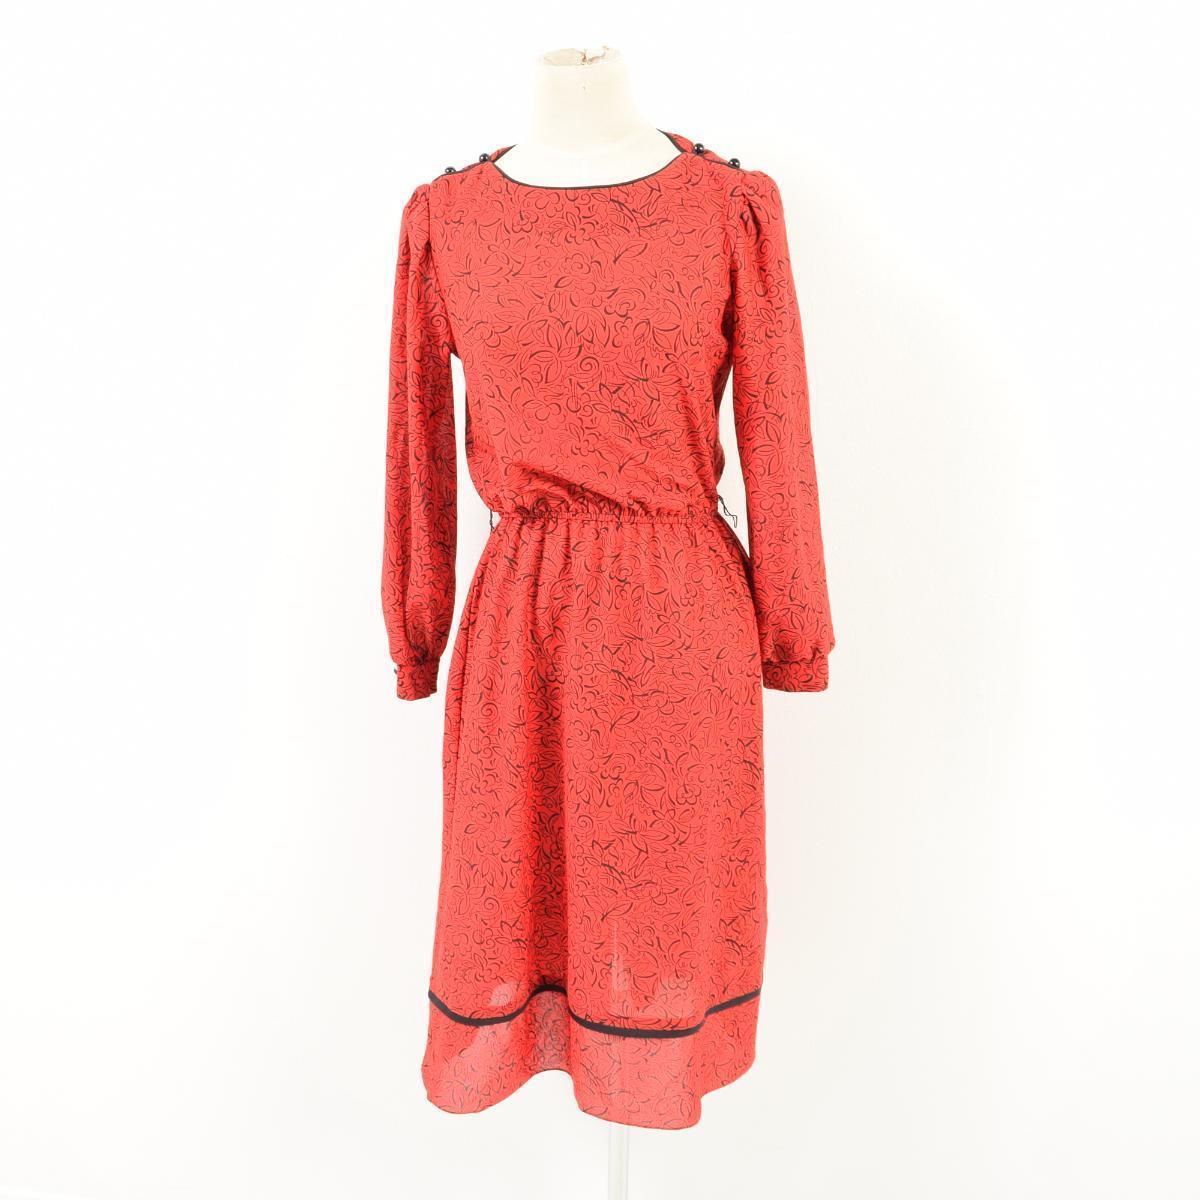 古着屋JAMがドラマ『その女、ジルバ』に衣装提供